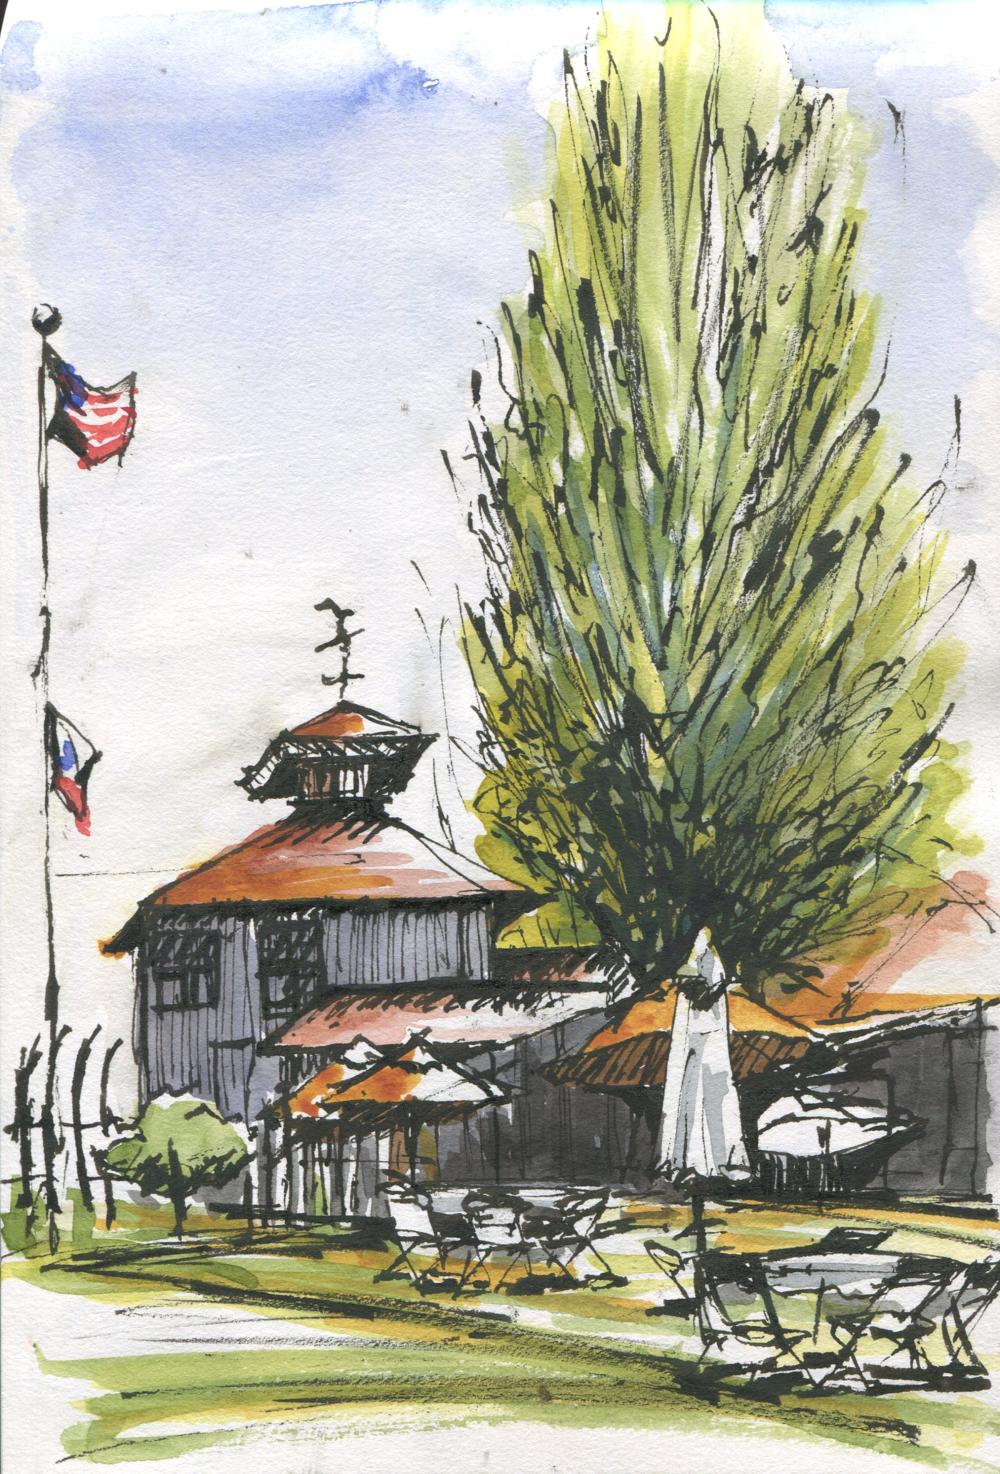 boathouse cafe sketch at shoreline park